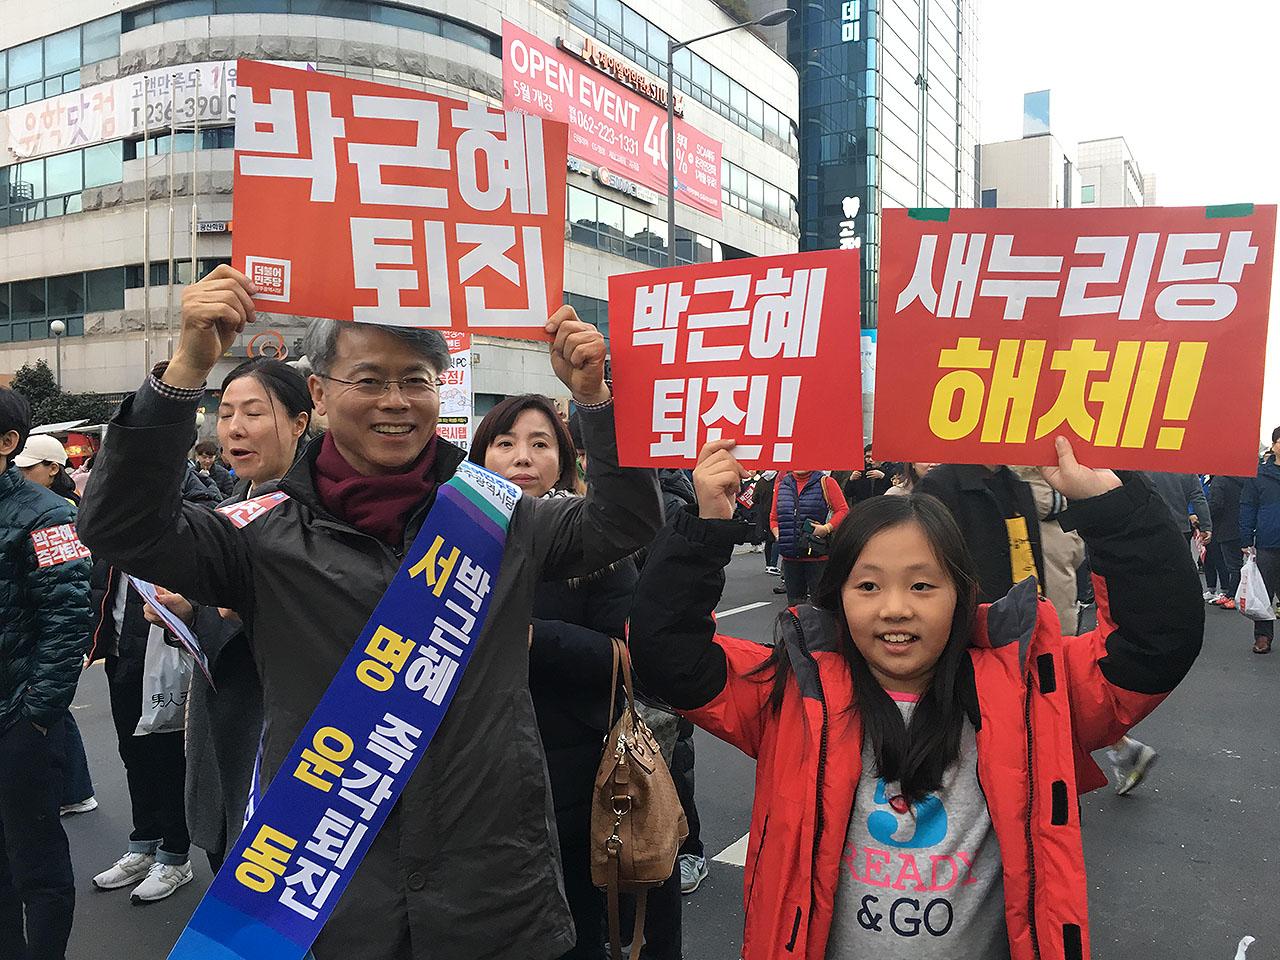 3일 오후 광주 금남로에서 '박근혜 퇴진' 서명운동을 하고 있던 민형배 광주 광산구청장이 아버지와 함께 시국촛불대회에 나온 김연경(초등3) 학생과 손 피켓을 들고 있다.